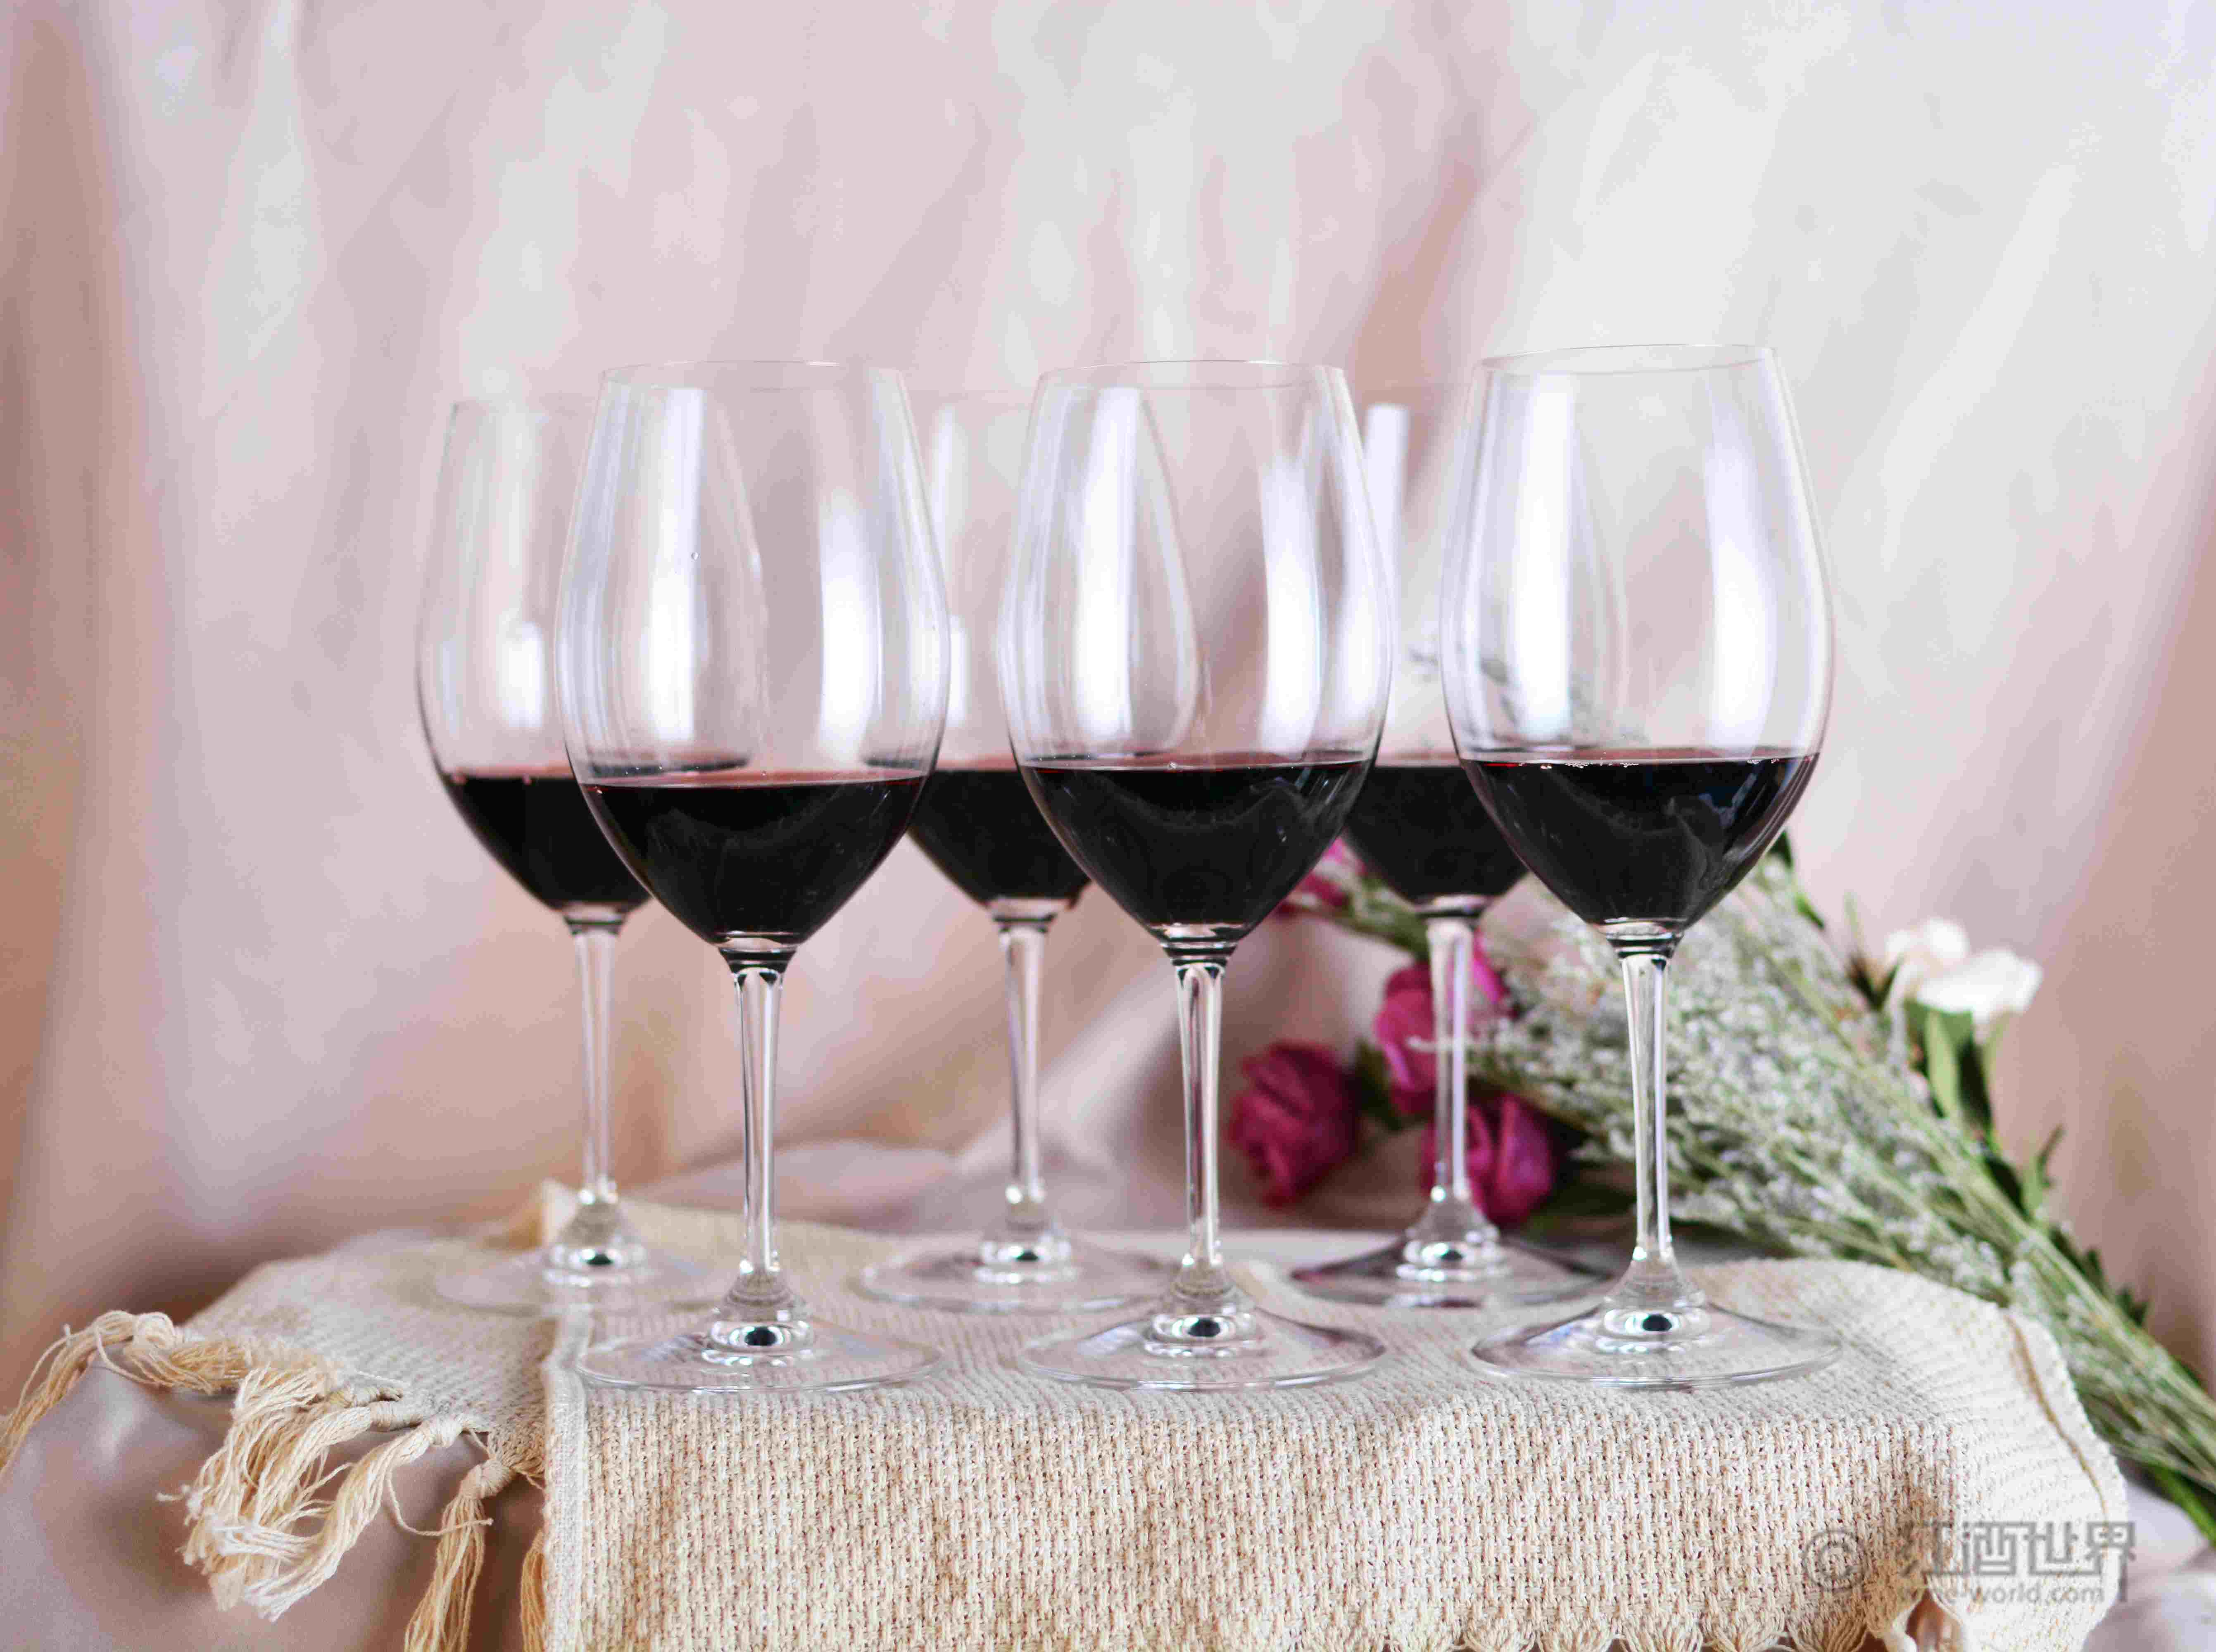 欧洲最著名的葡萄酒产区,你知道几个?